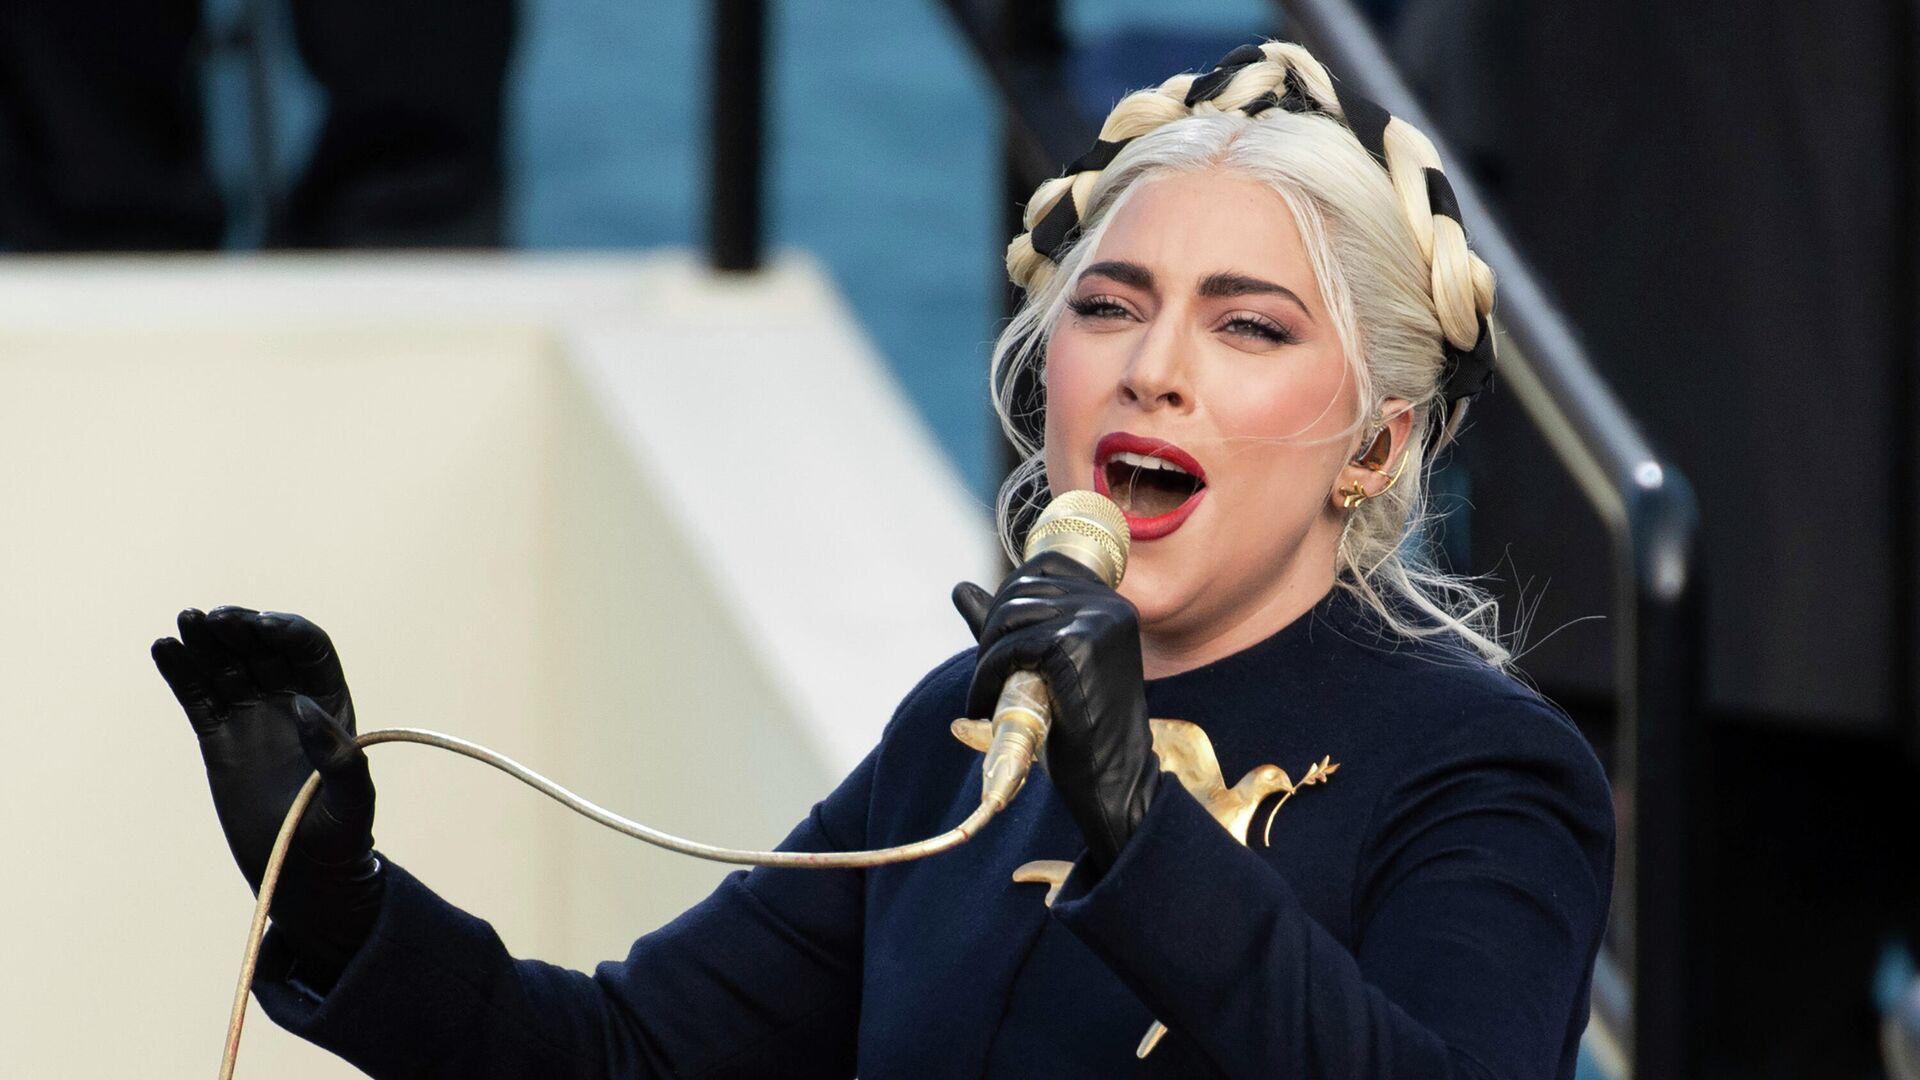 Lady Gaga, cantante estadounidense - Sputnik Mundo, 1920, 26.02.2021